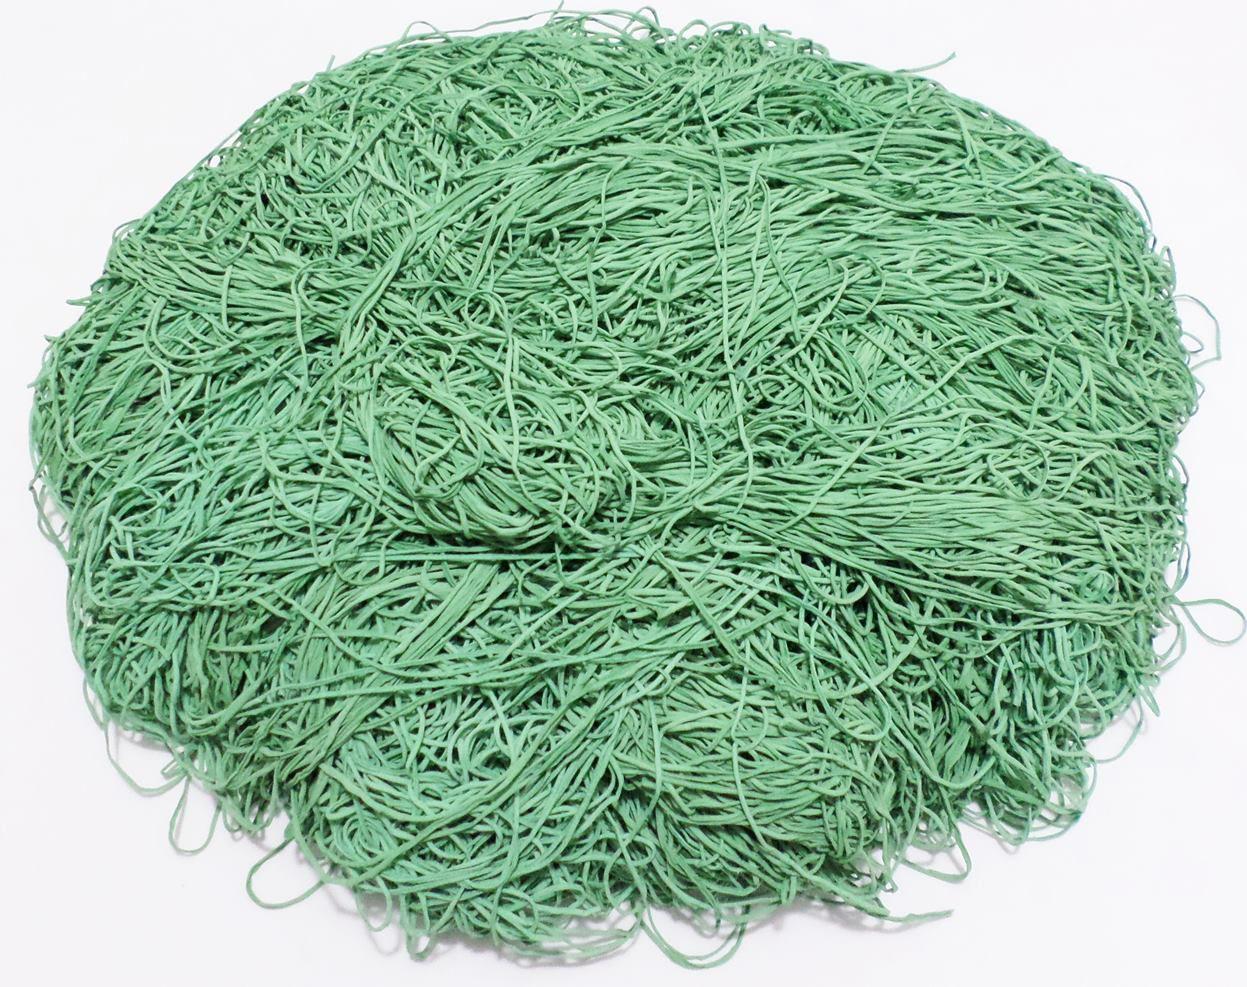 Tira de Macarrão/Espaguete 840g Verde  - Bastex Artesanatos